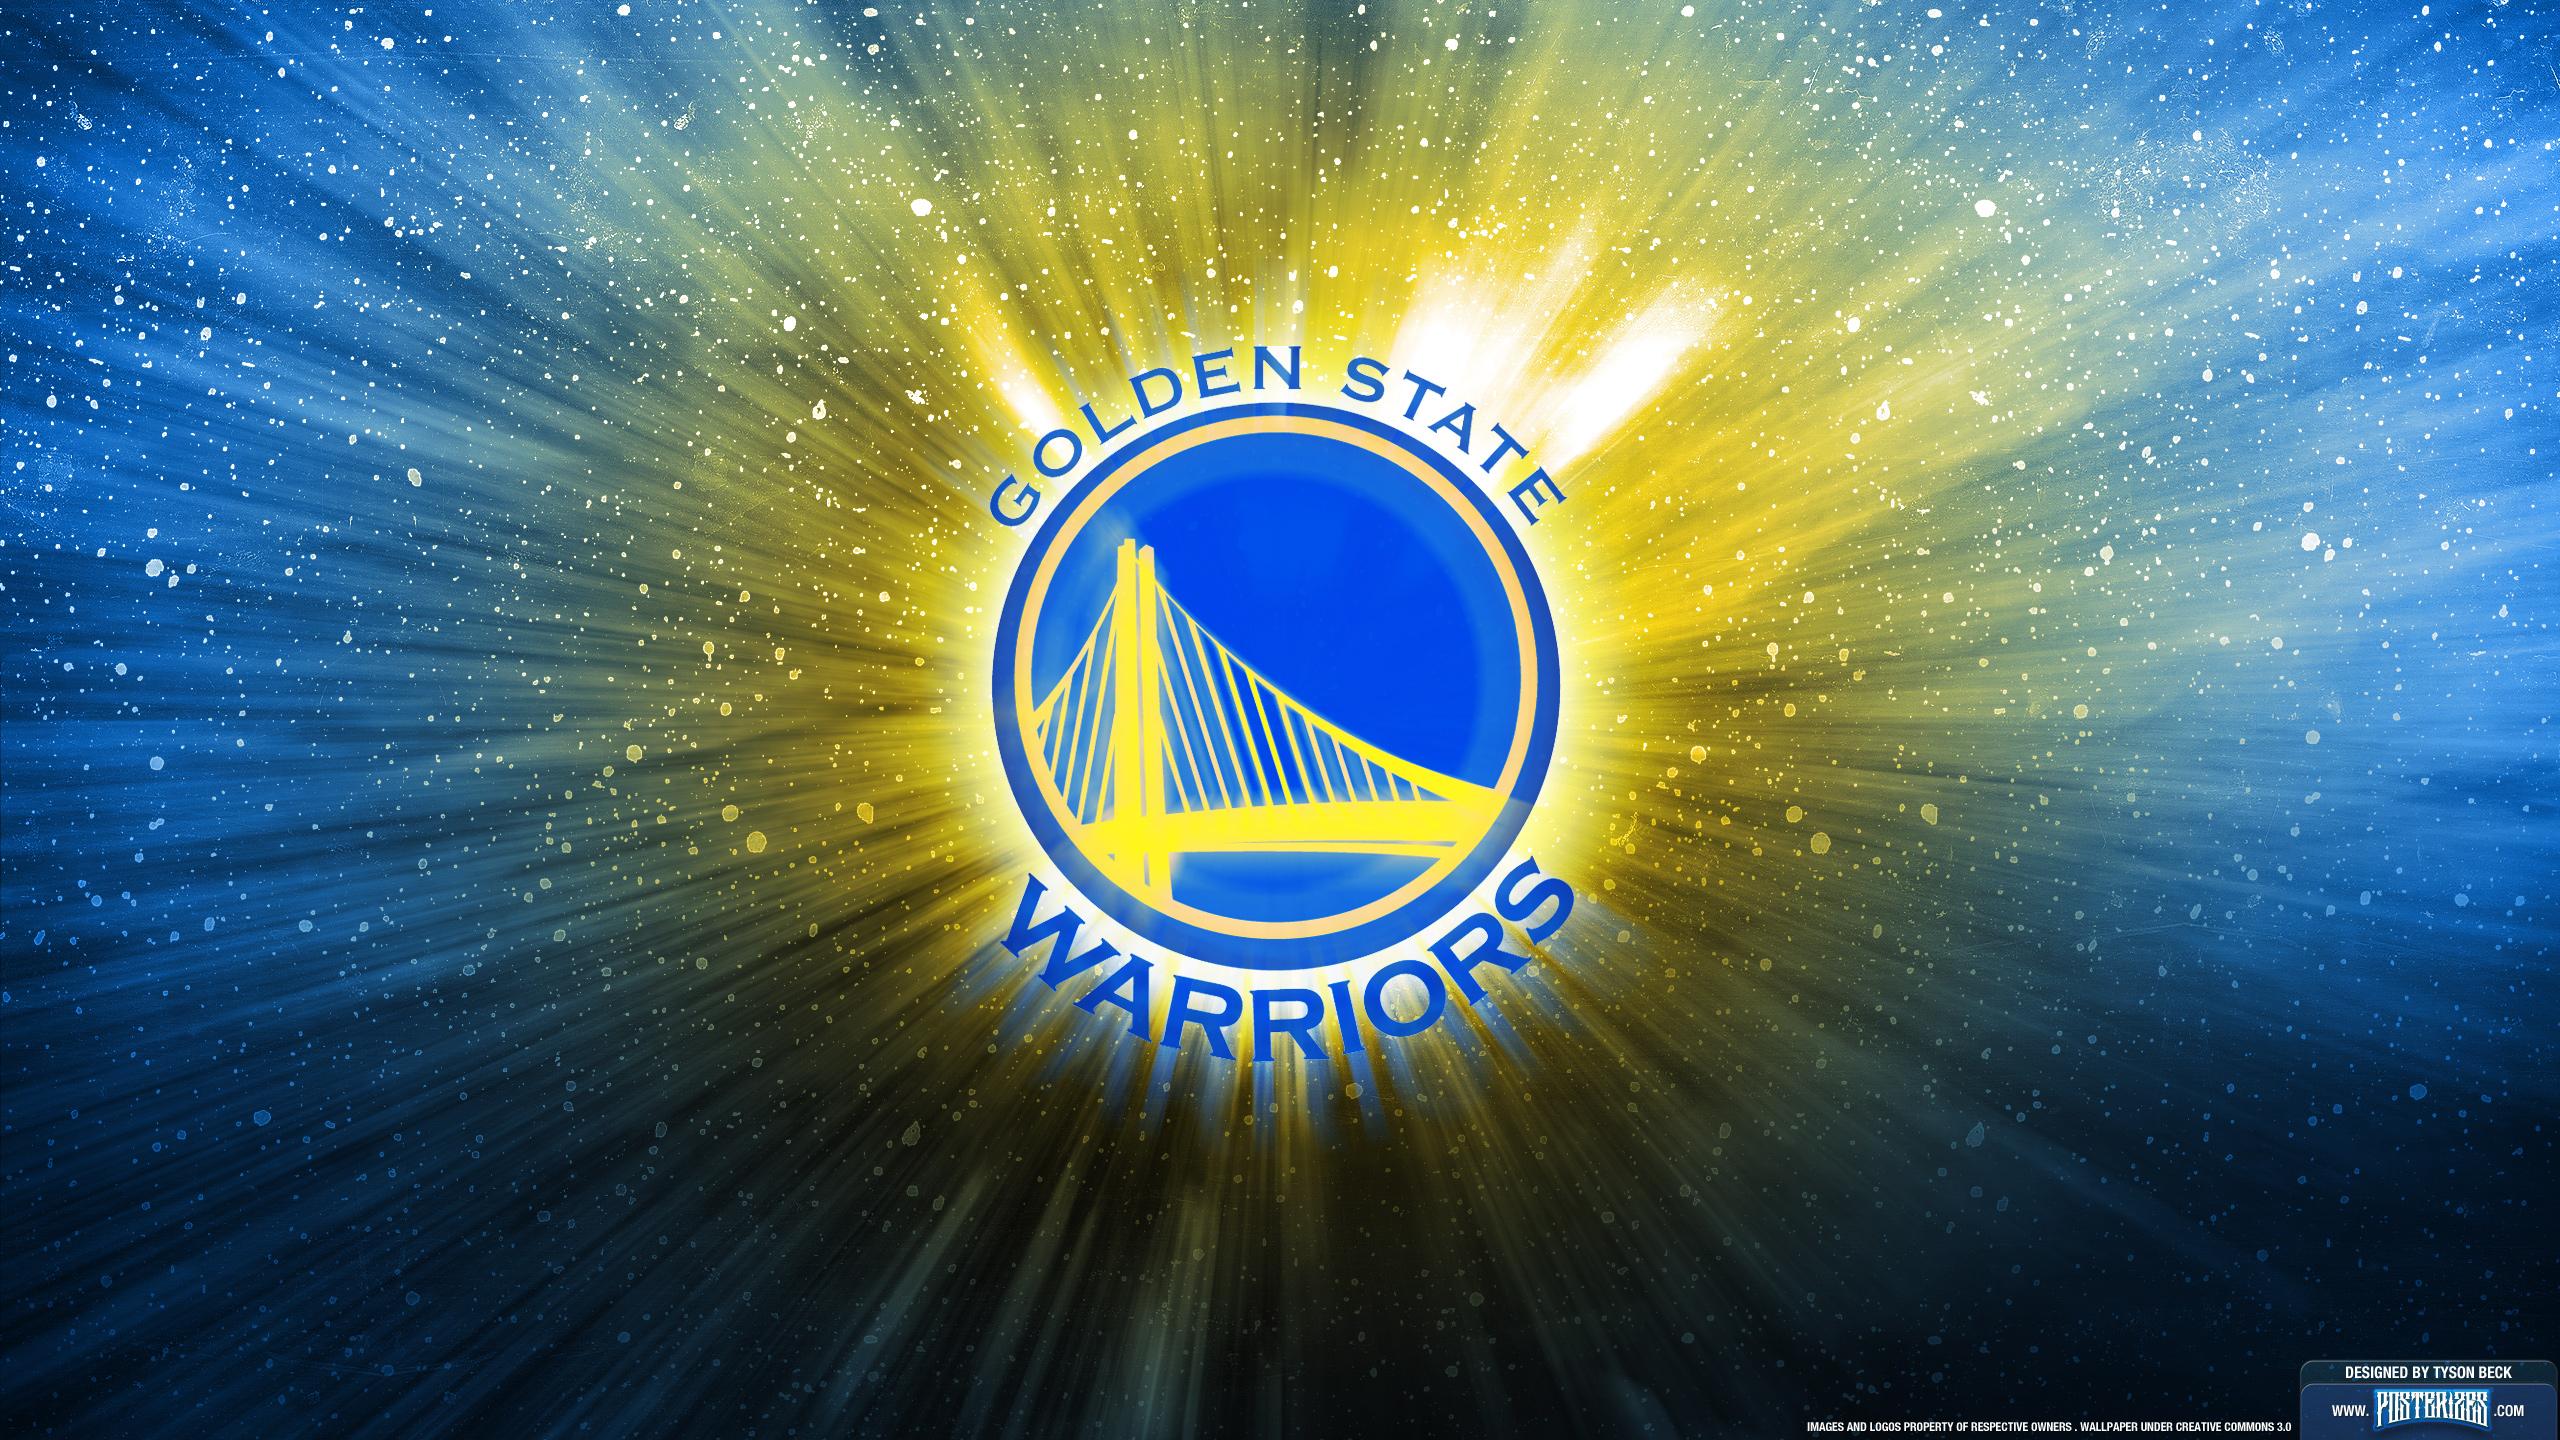 Golden State Warriors Logo Wallpaper 2560x1440